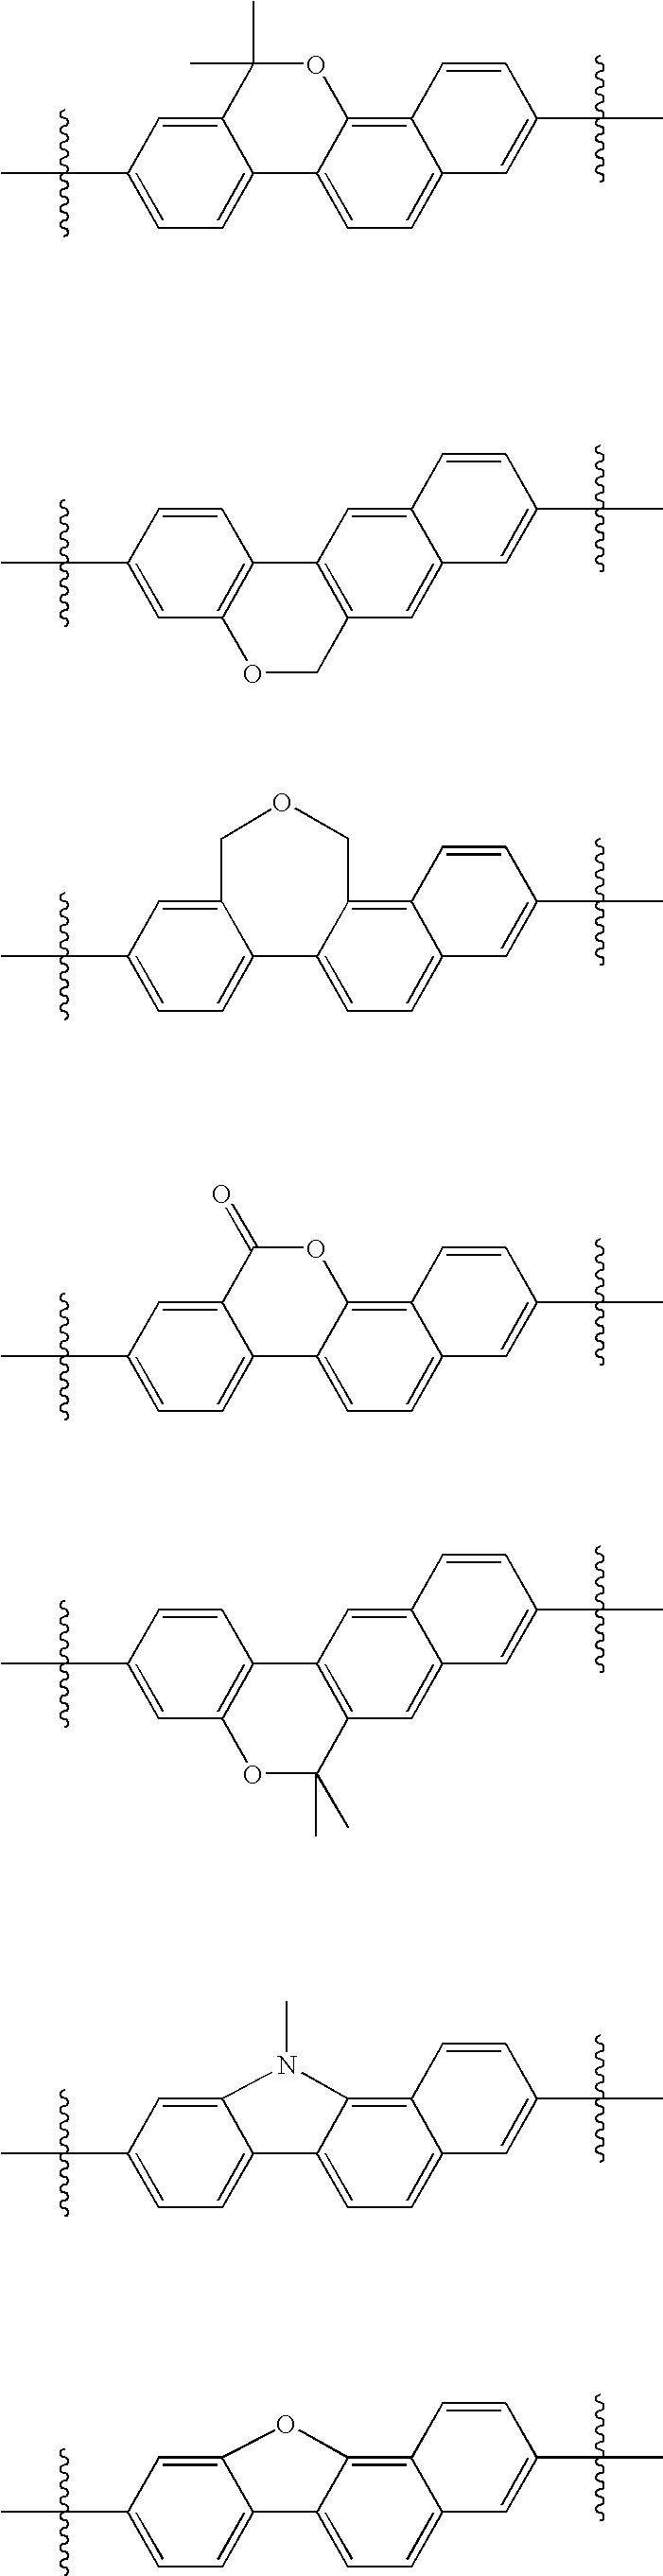 Figure US08088368-20120103-C00148